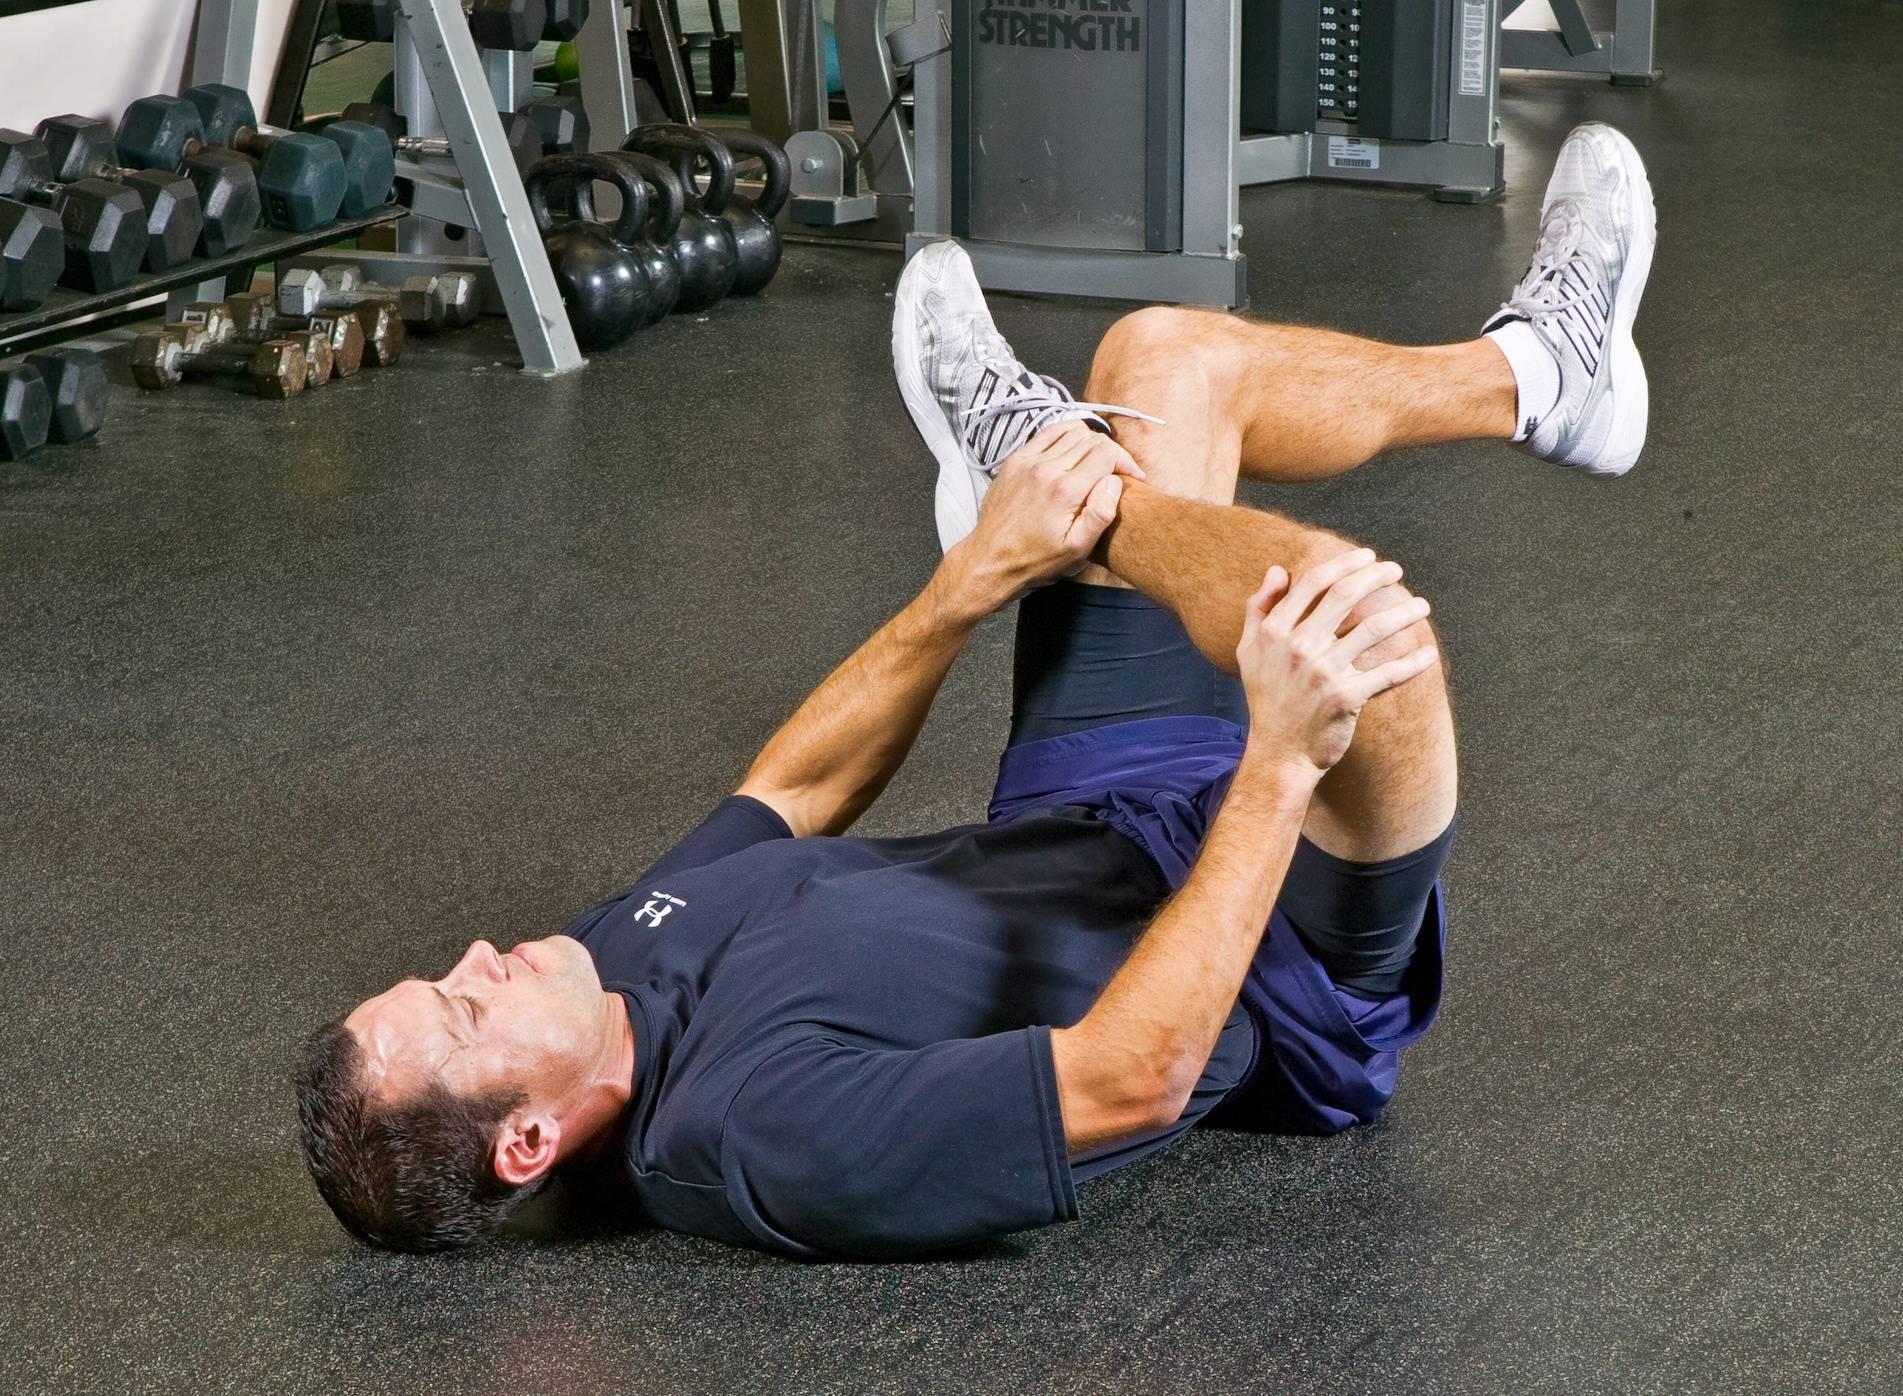 Спорт и суставы: риск заболеваний суставов у спортсменов, самые опасные виды спорта, симптомы, профилактика и лечение остеоартроза. научные исследования   promusculus.ru